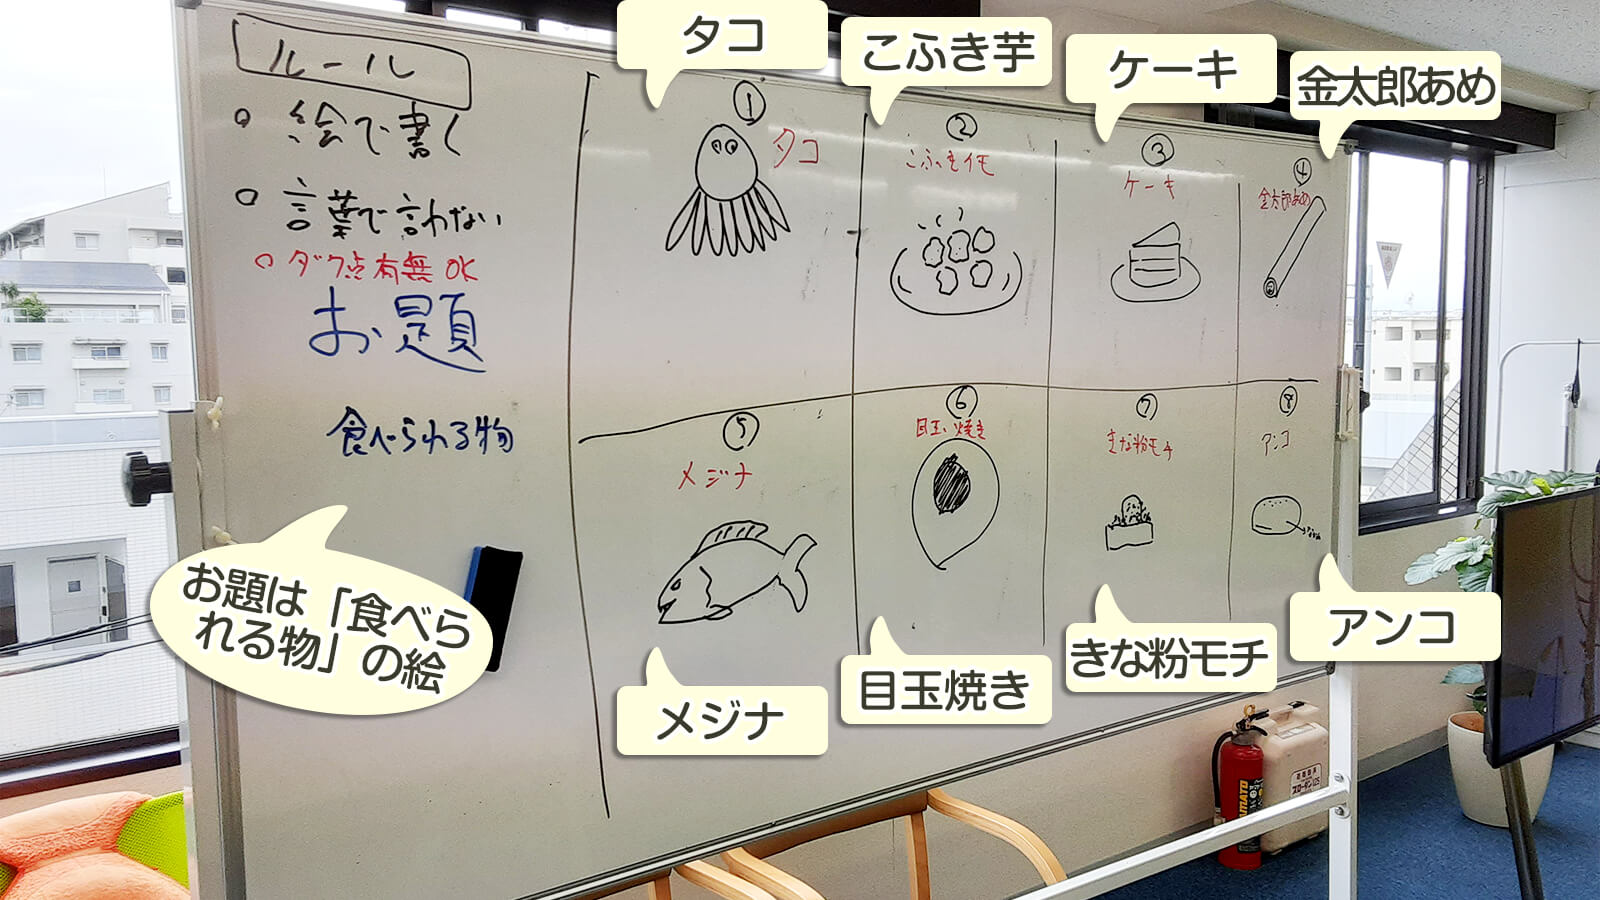 「絵しりとり」で就職に役立つ非言語コミュニケーションを訓練画像2